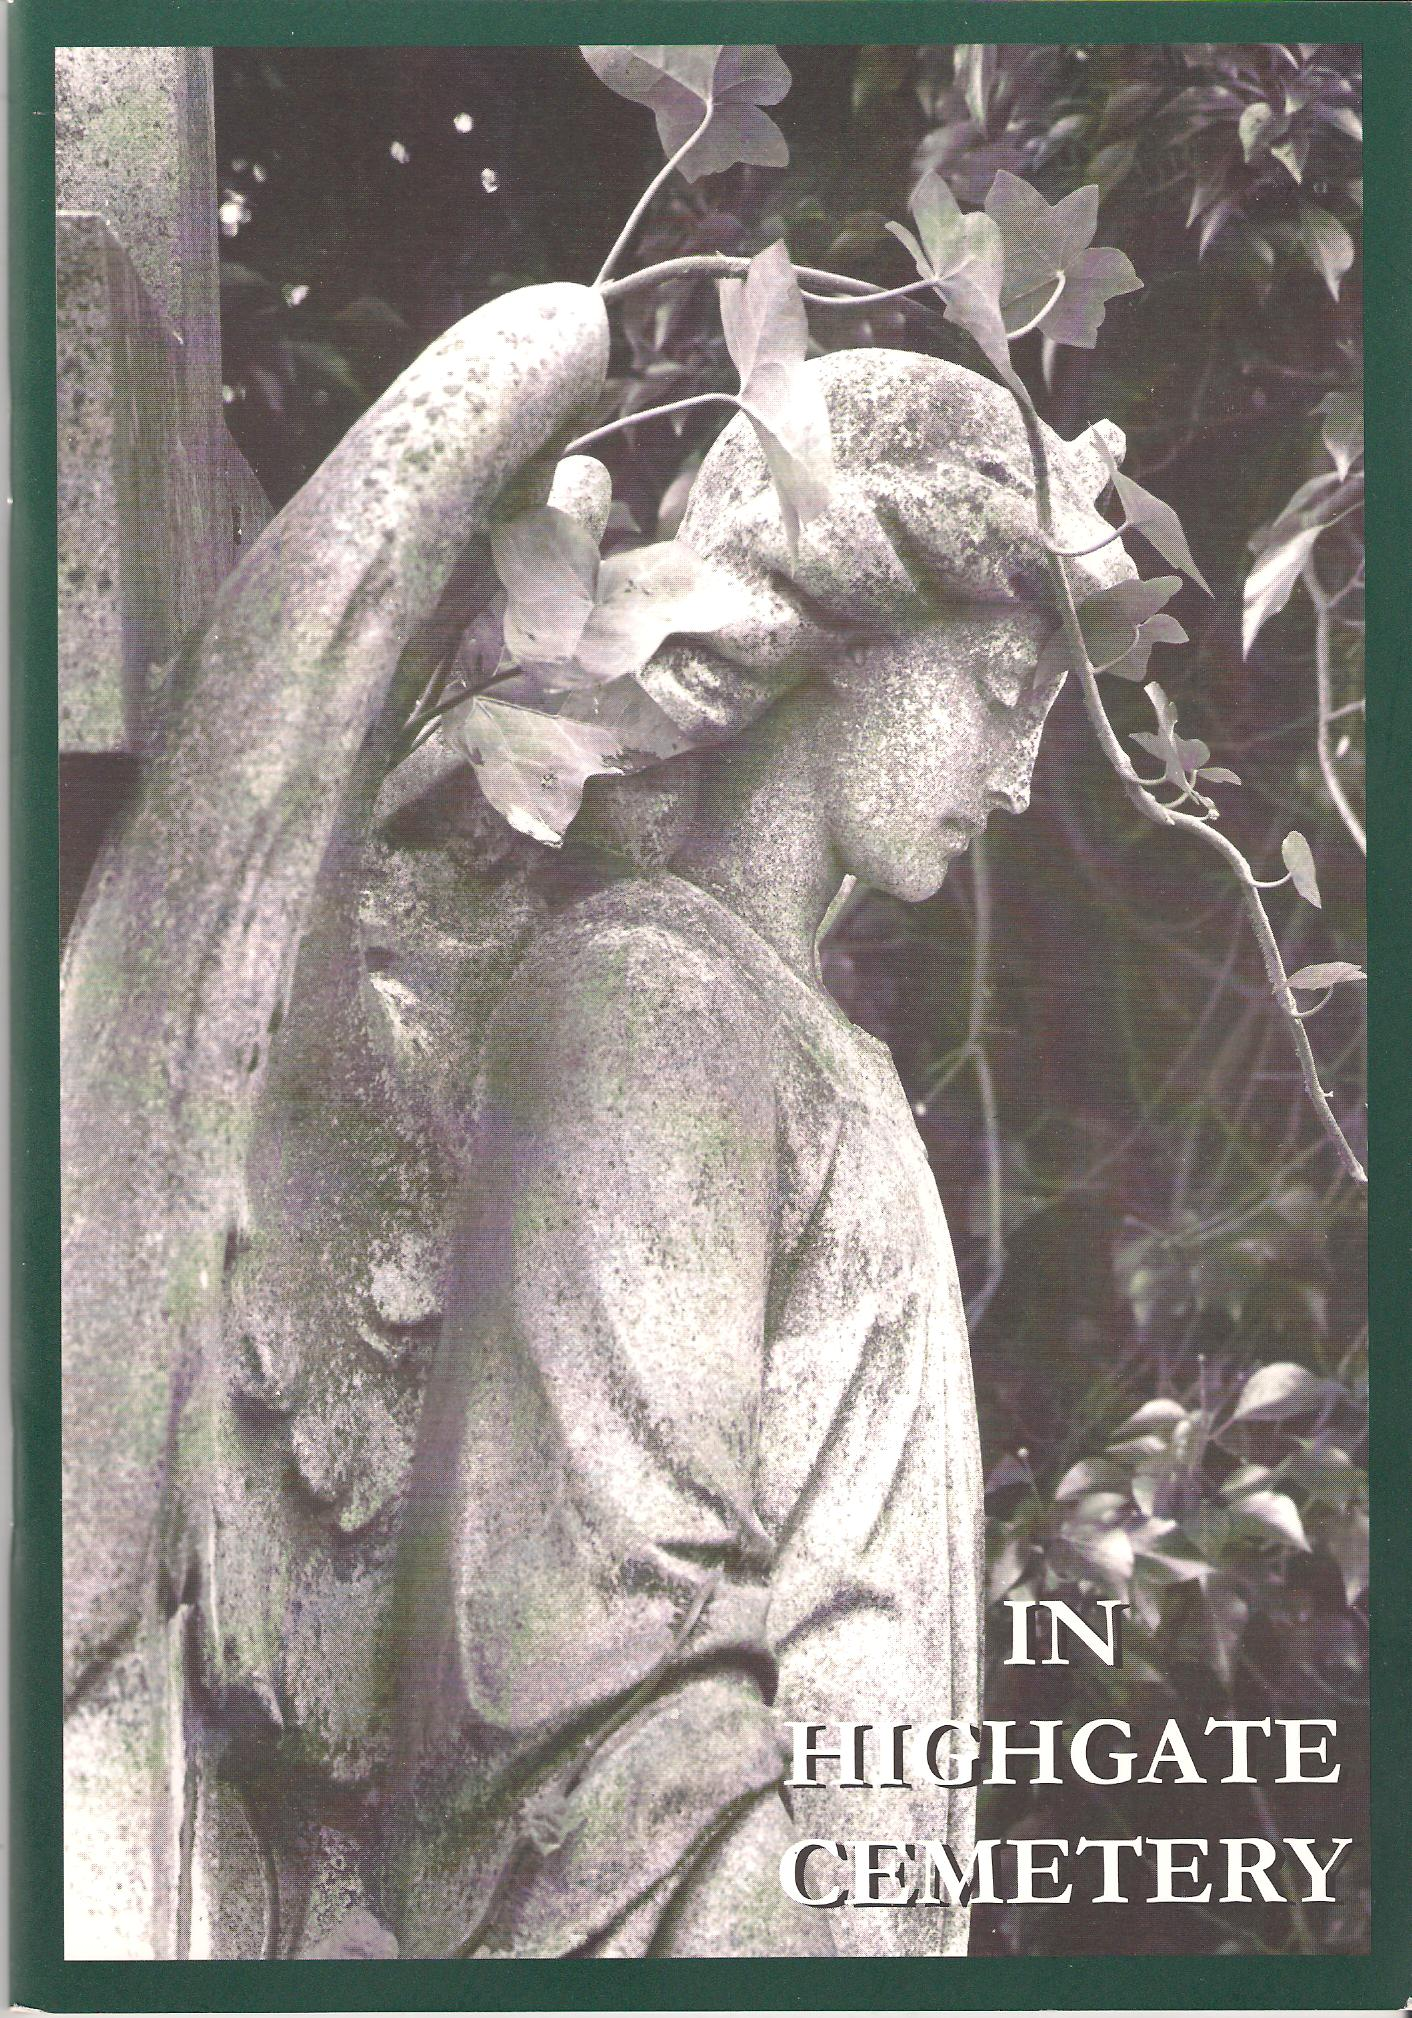 In Highgate Cemetery